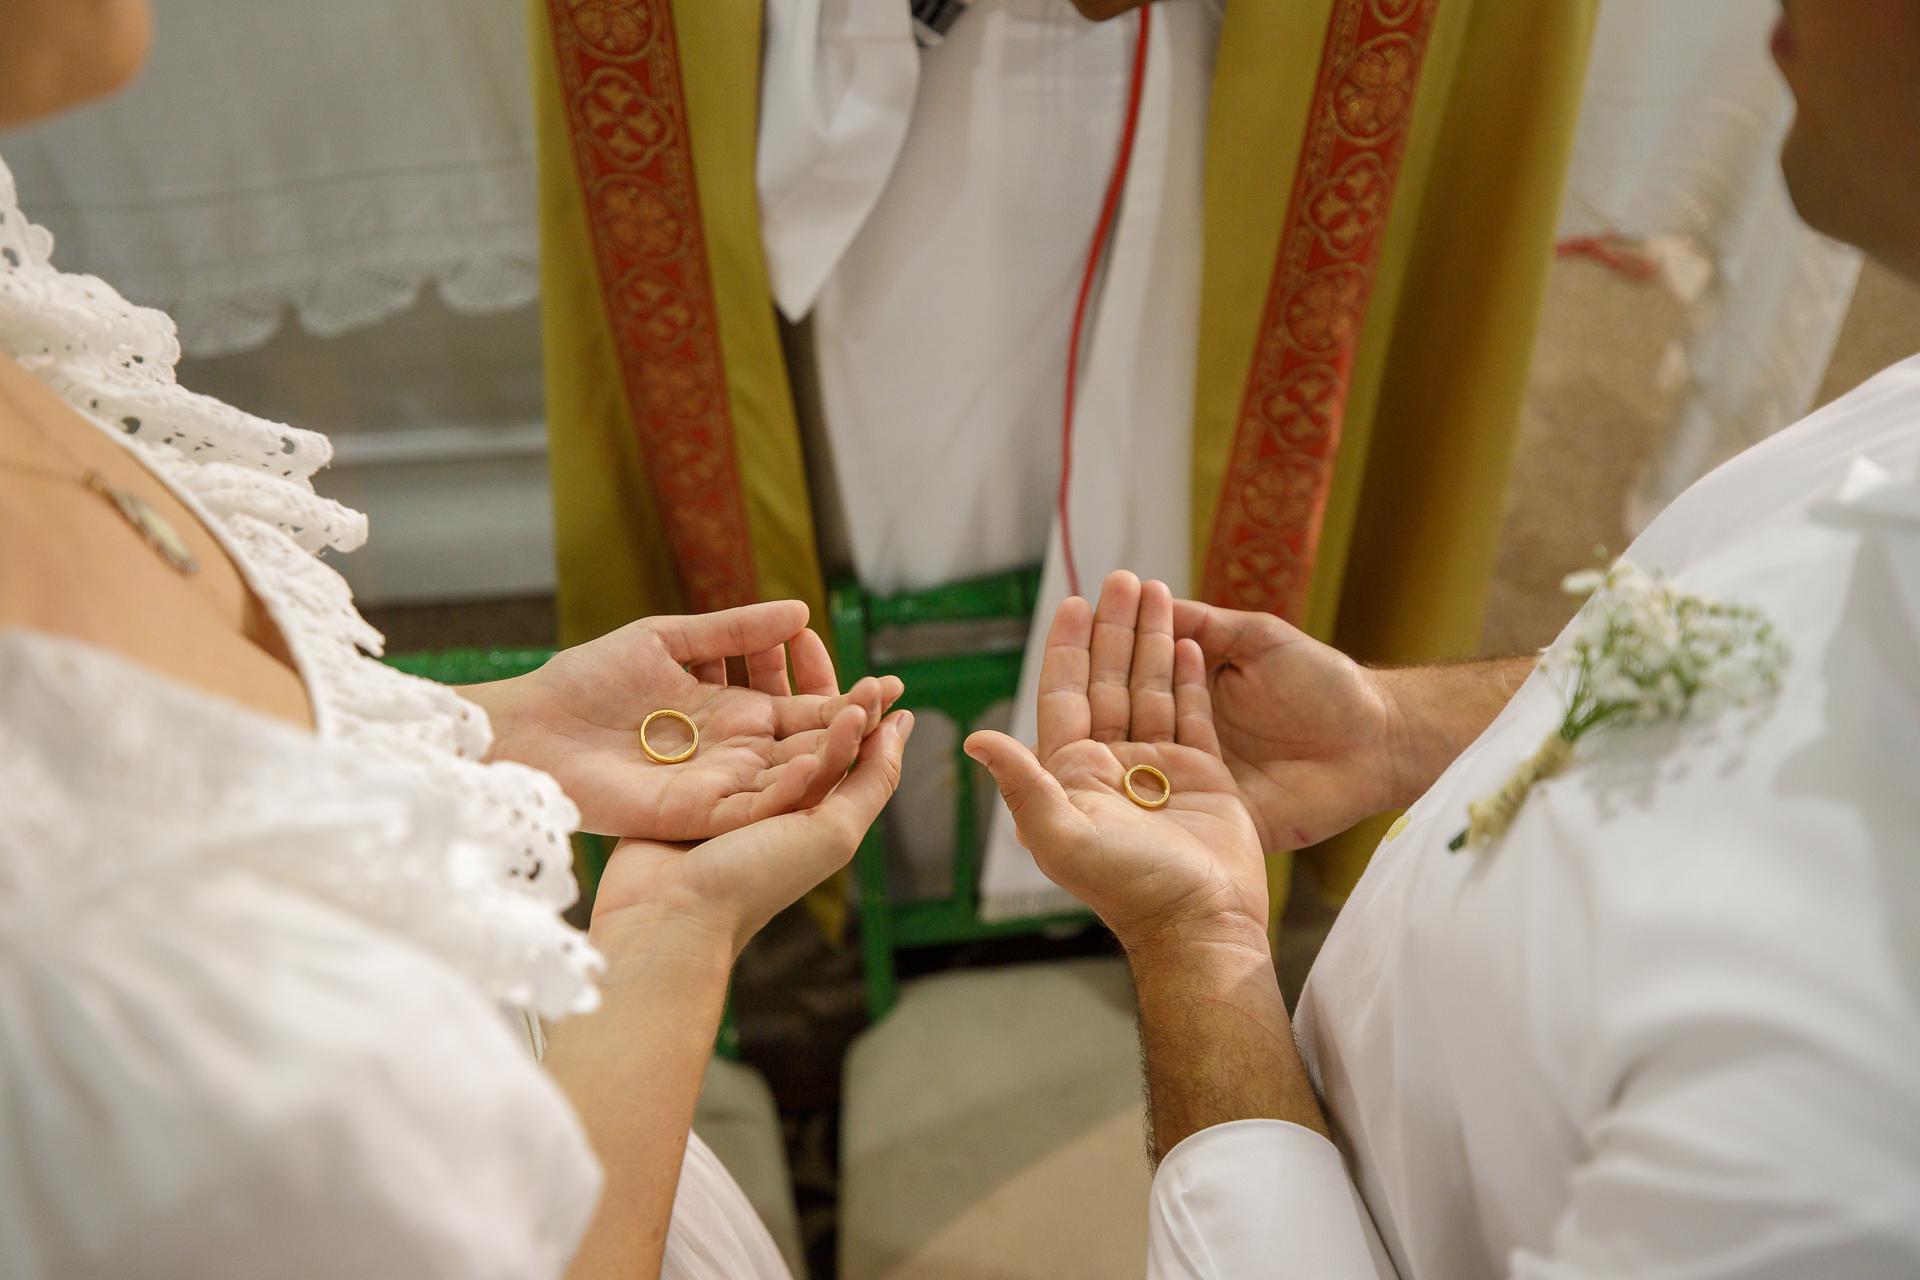 Cérémonie de mariage à l'église Image de Maceio, AL, Brésil | Les anneaux sont bénis lors de la cérémonie religieuse